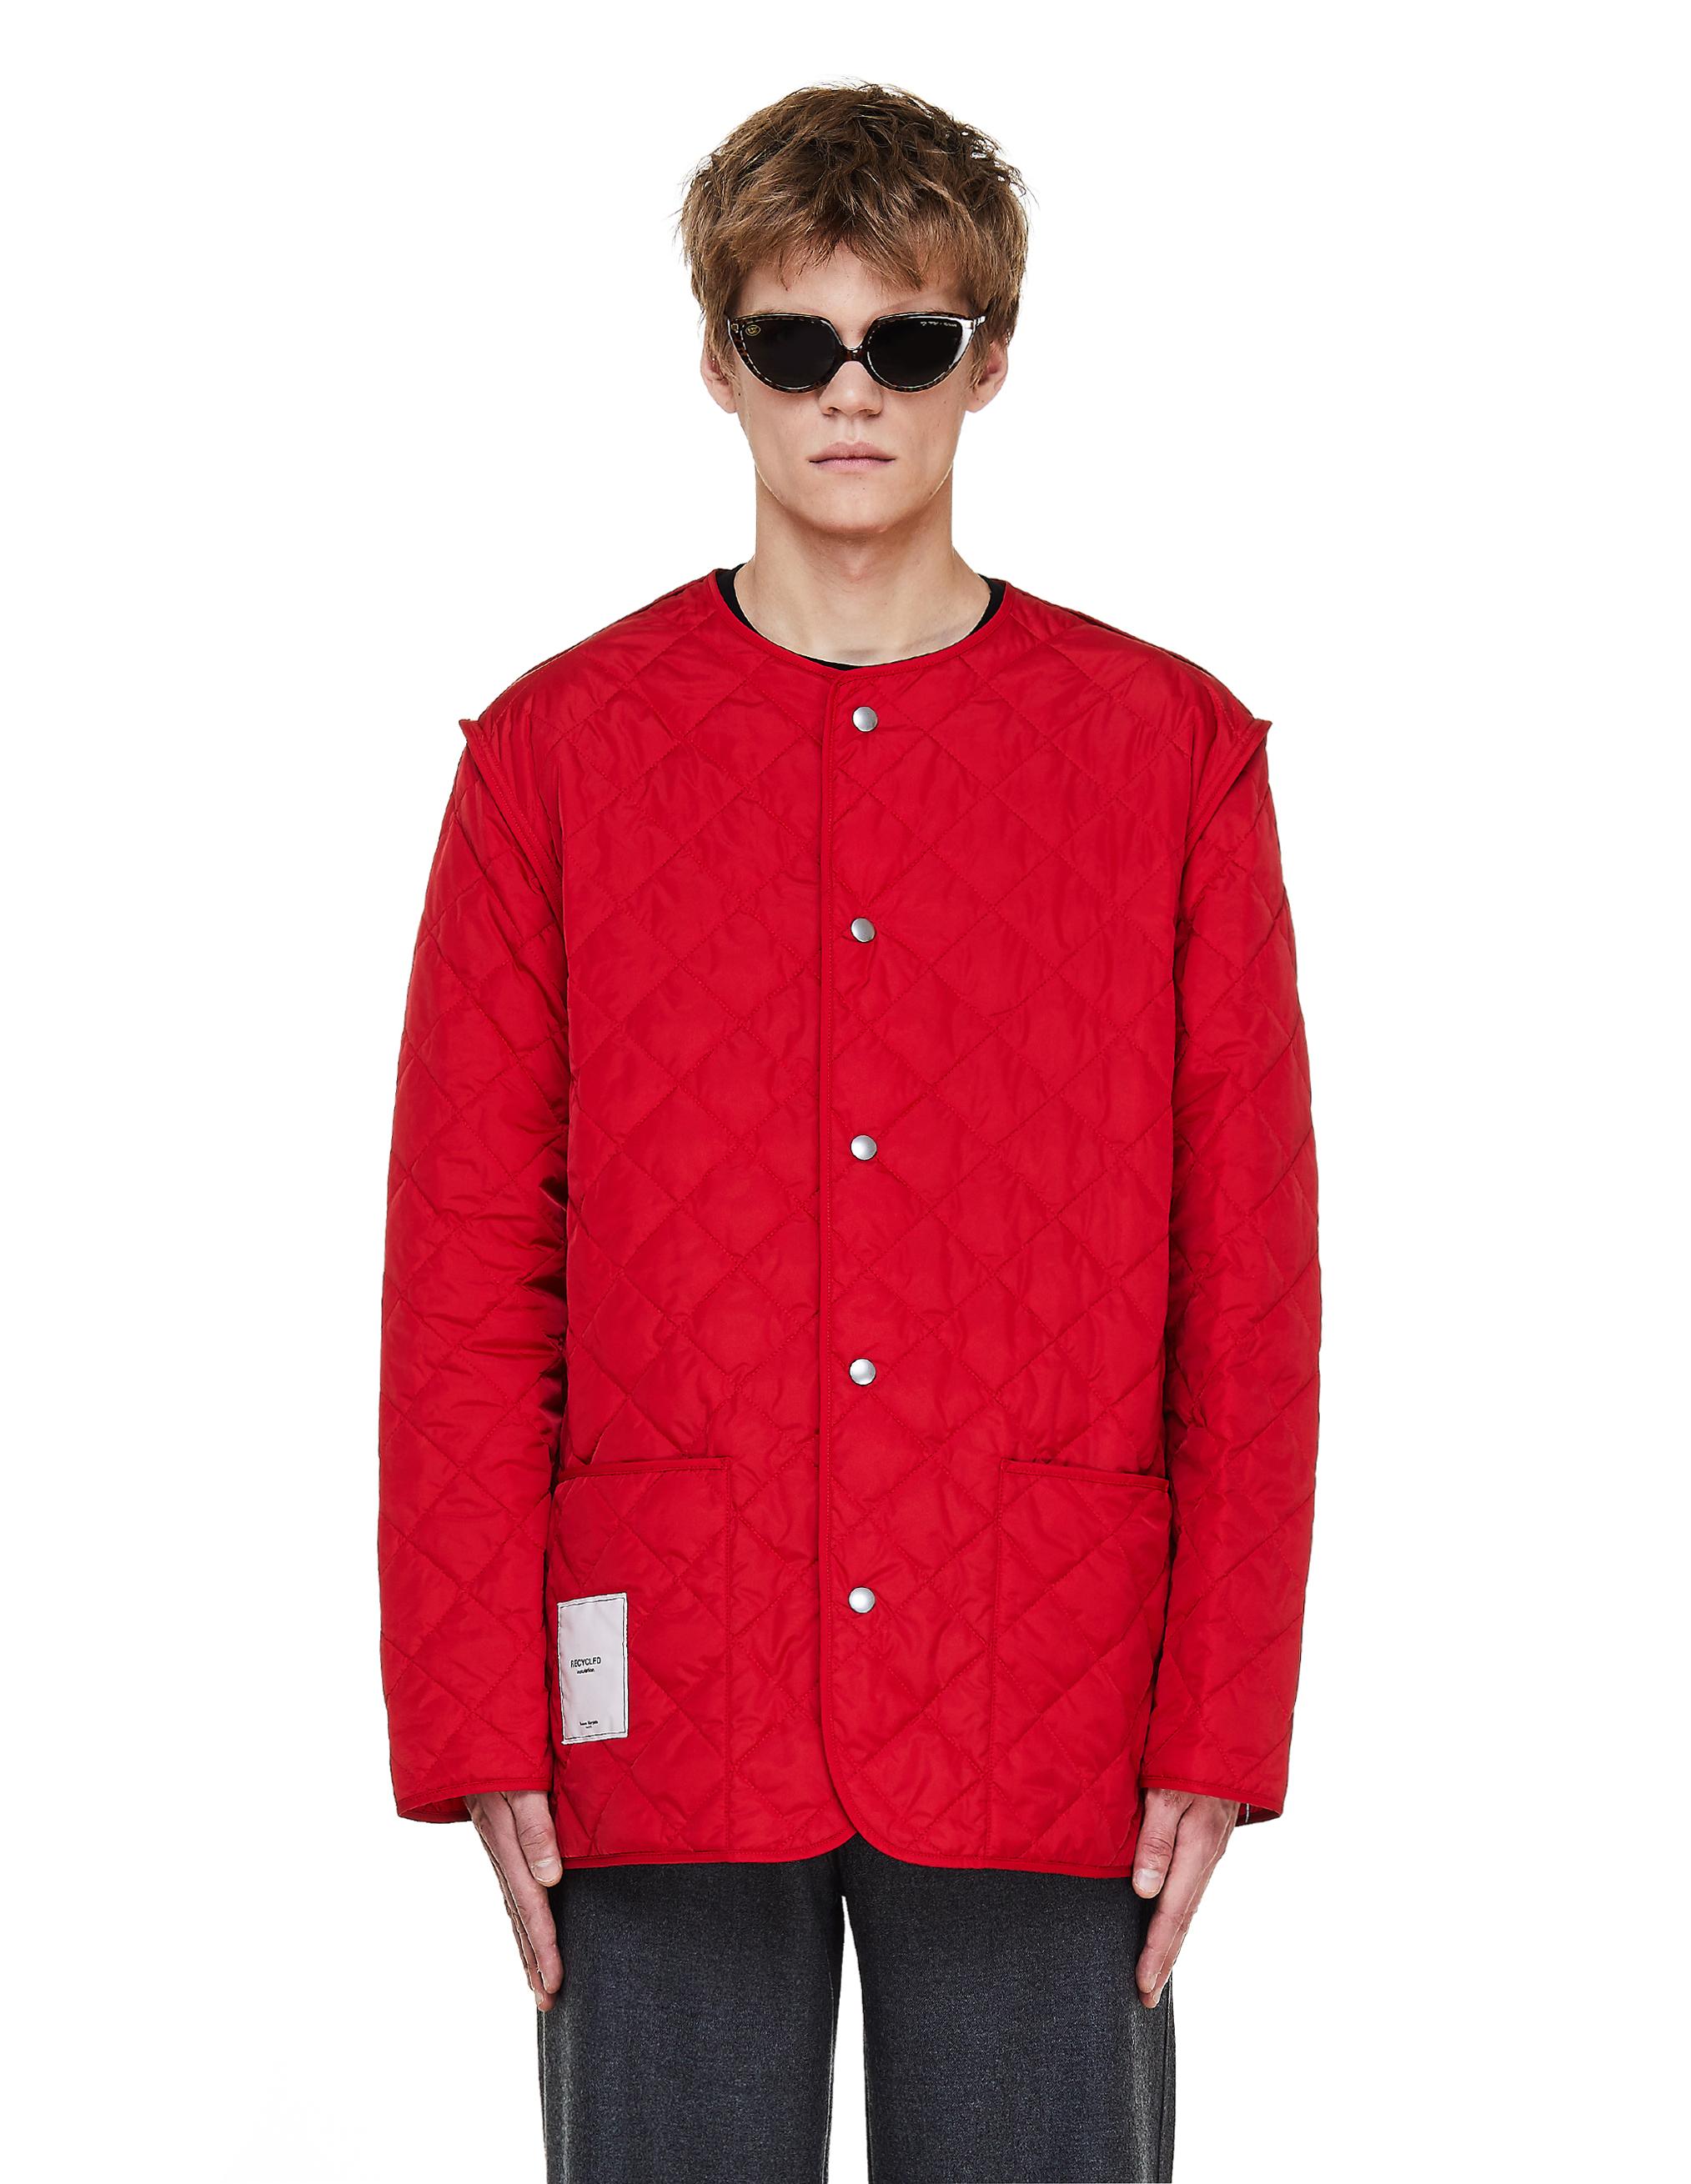 Maison Margiela Red Jacket